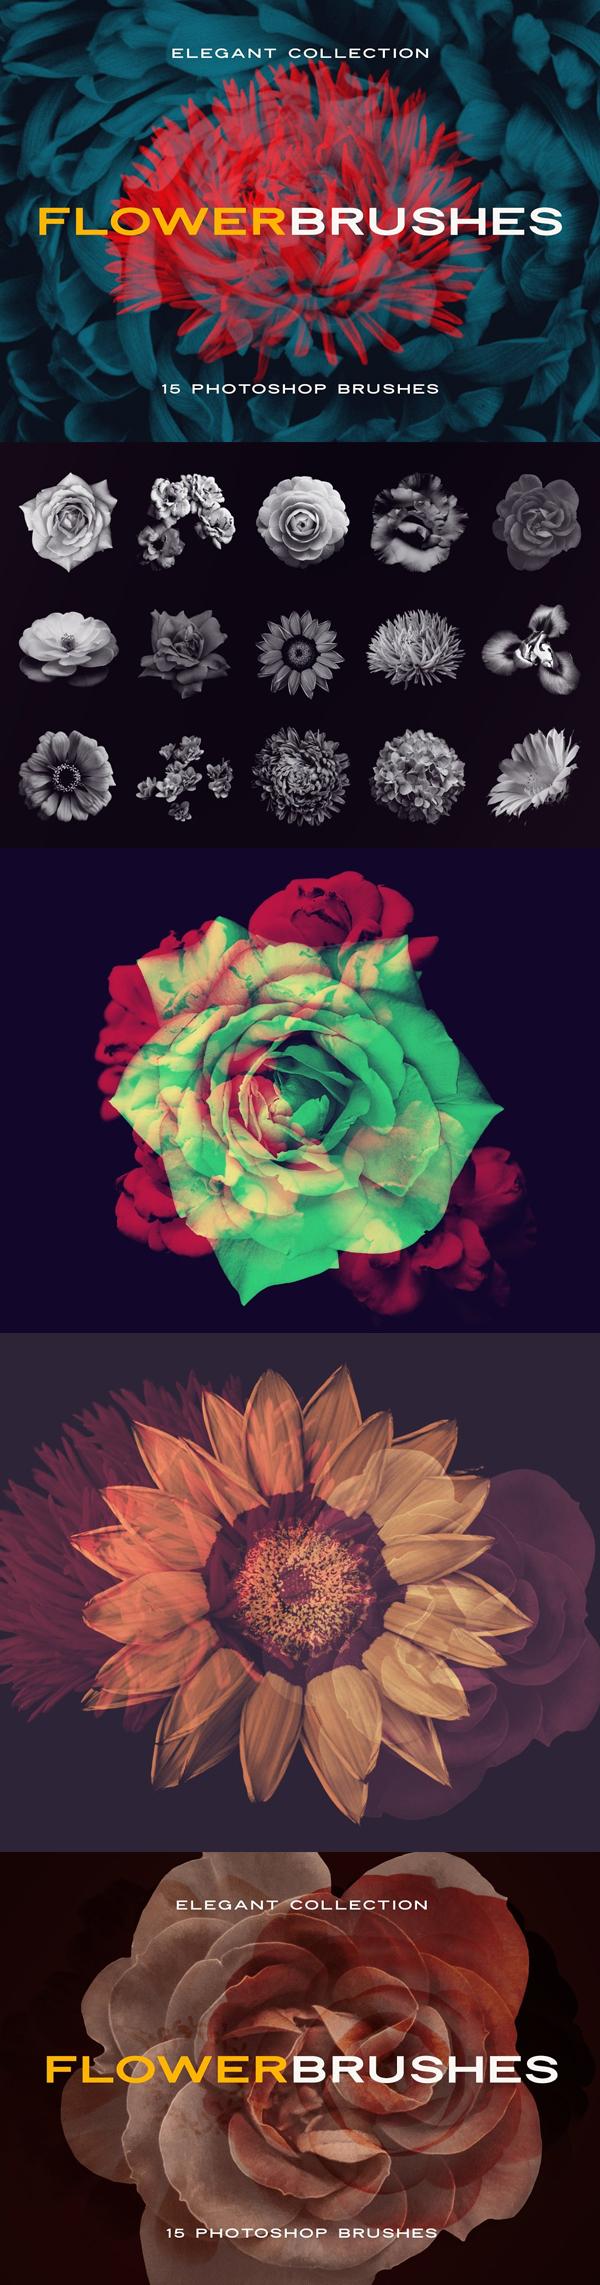 Elegant Flower Brushes for Photoshop